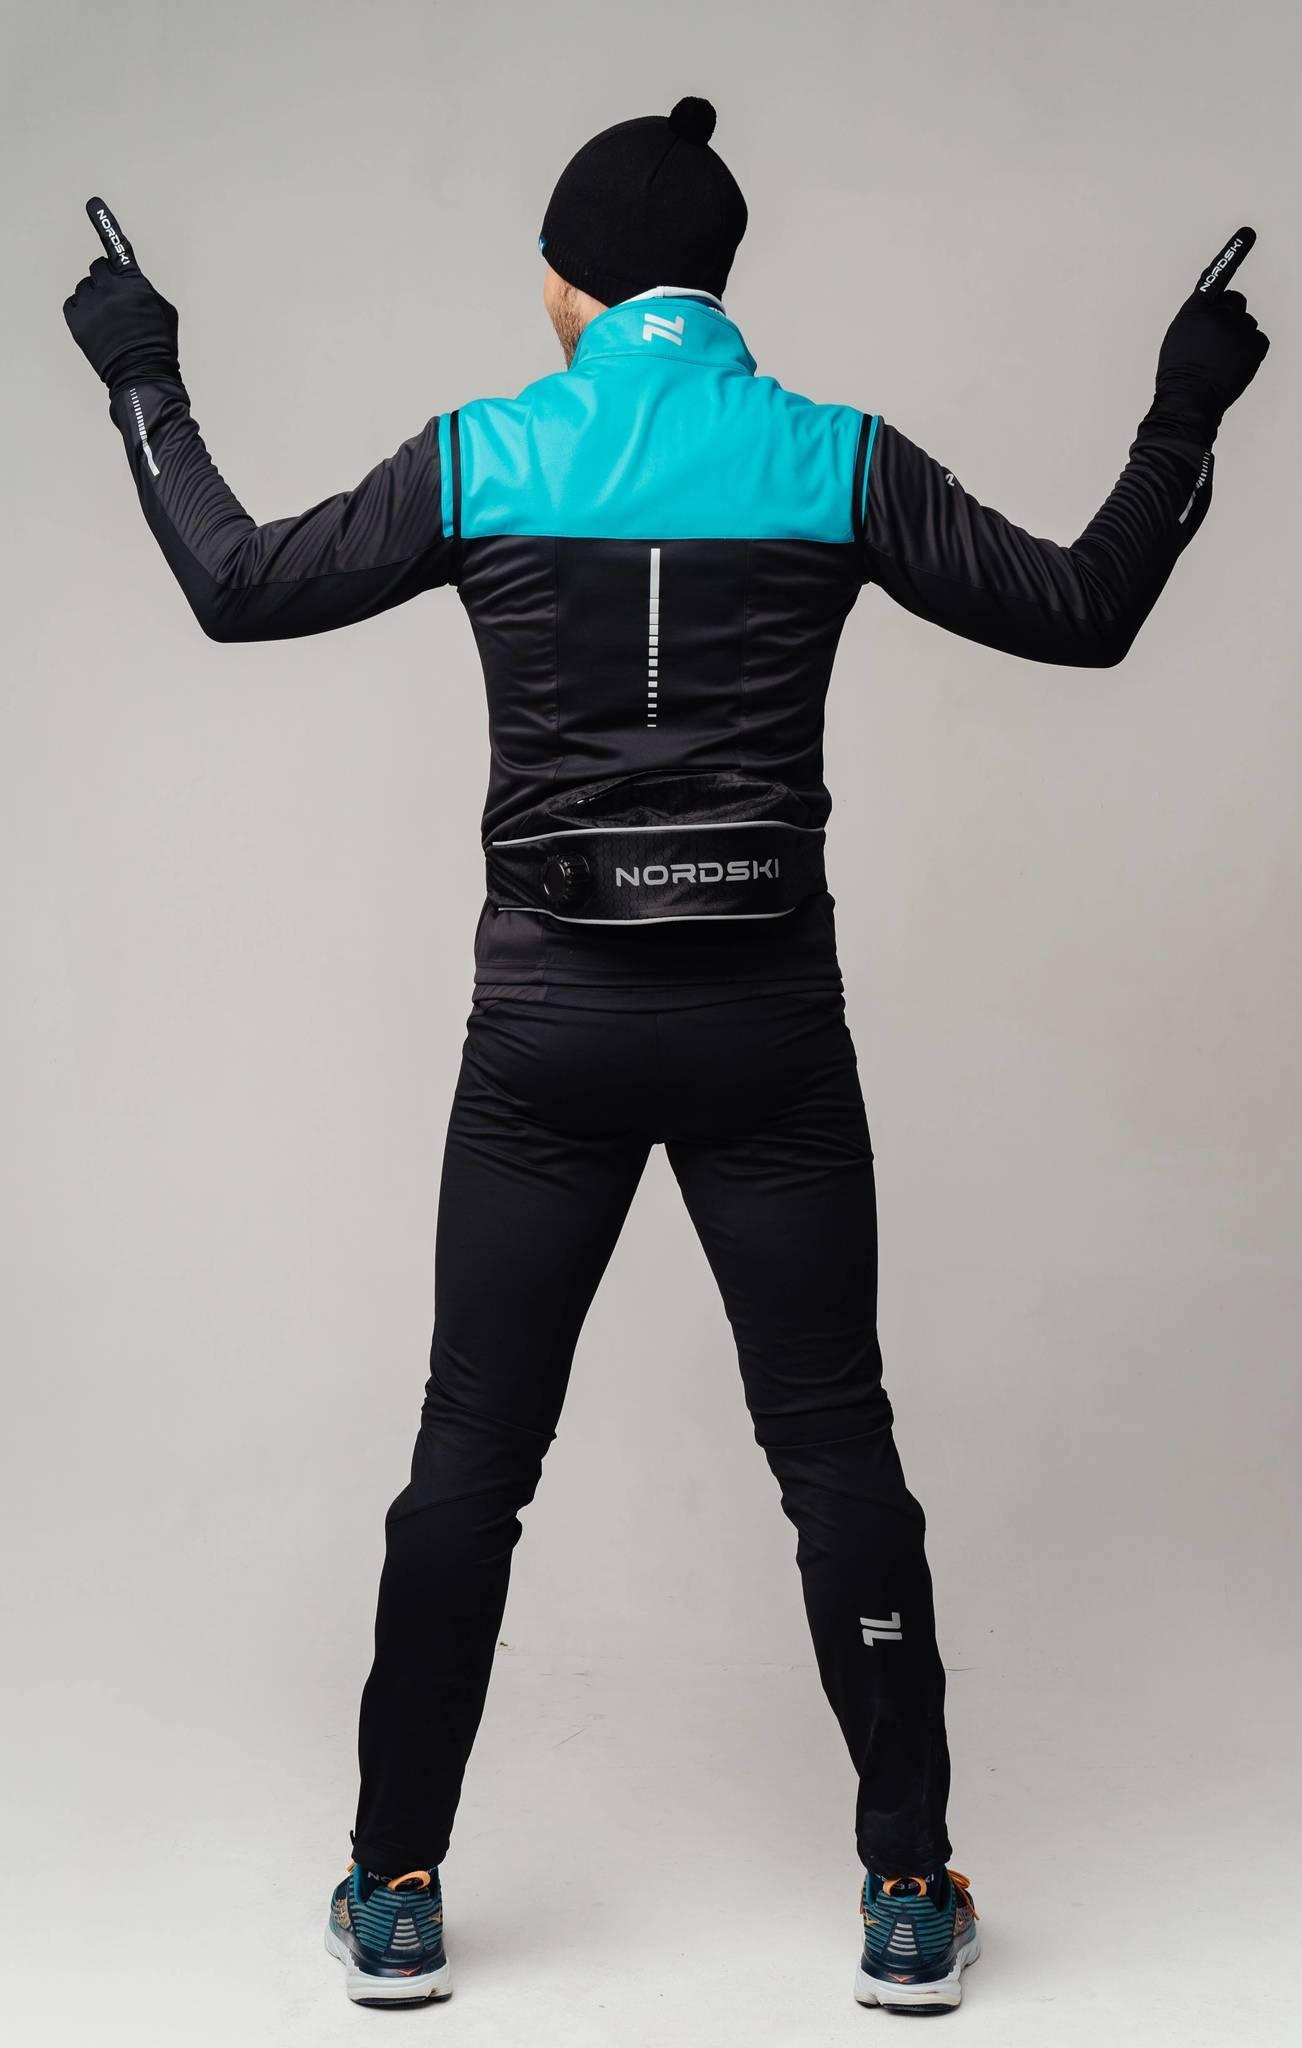 Nordski Pro лыжный костюм мужской breeze-black - 3